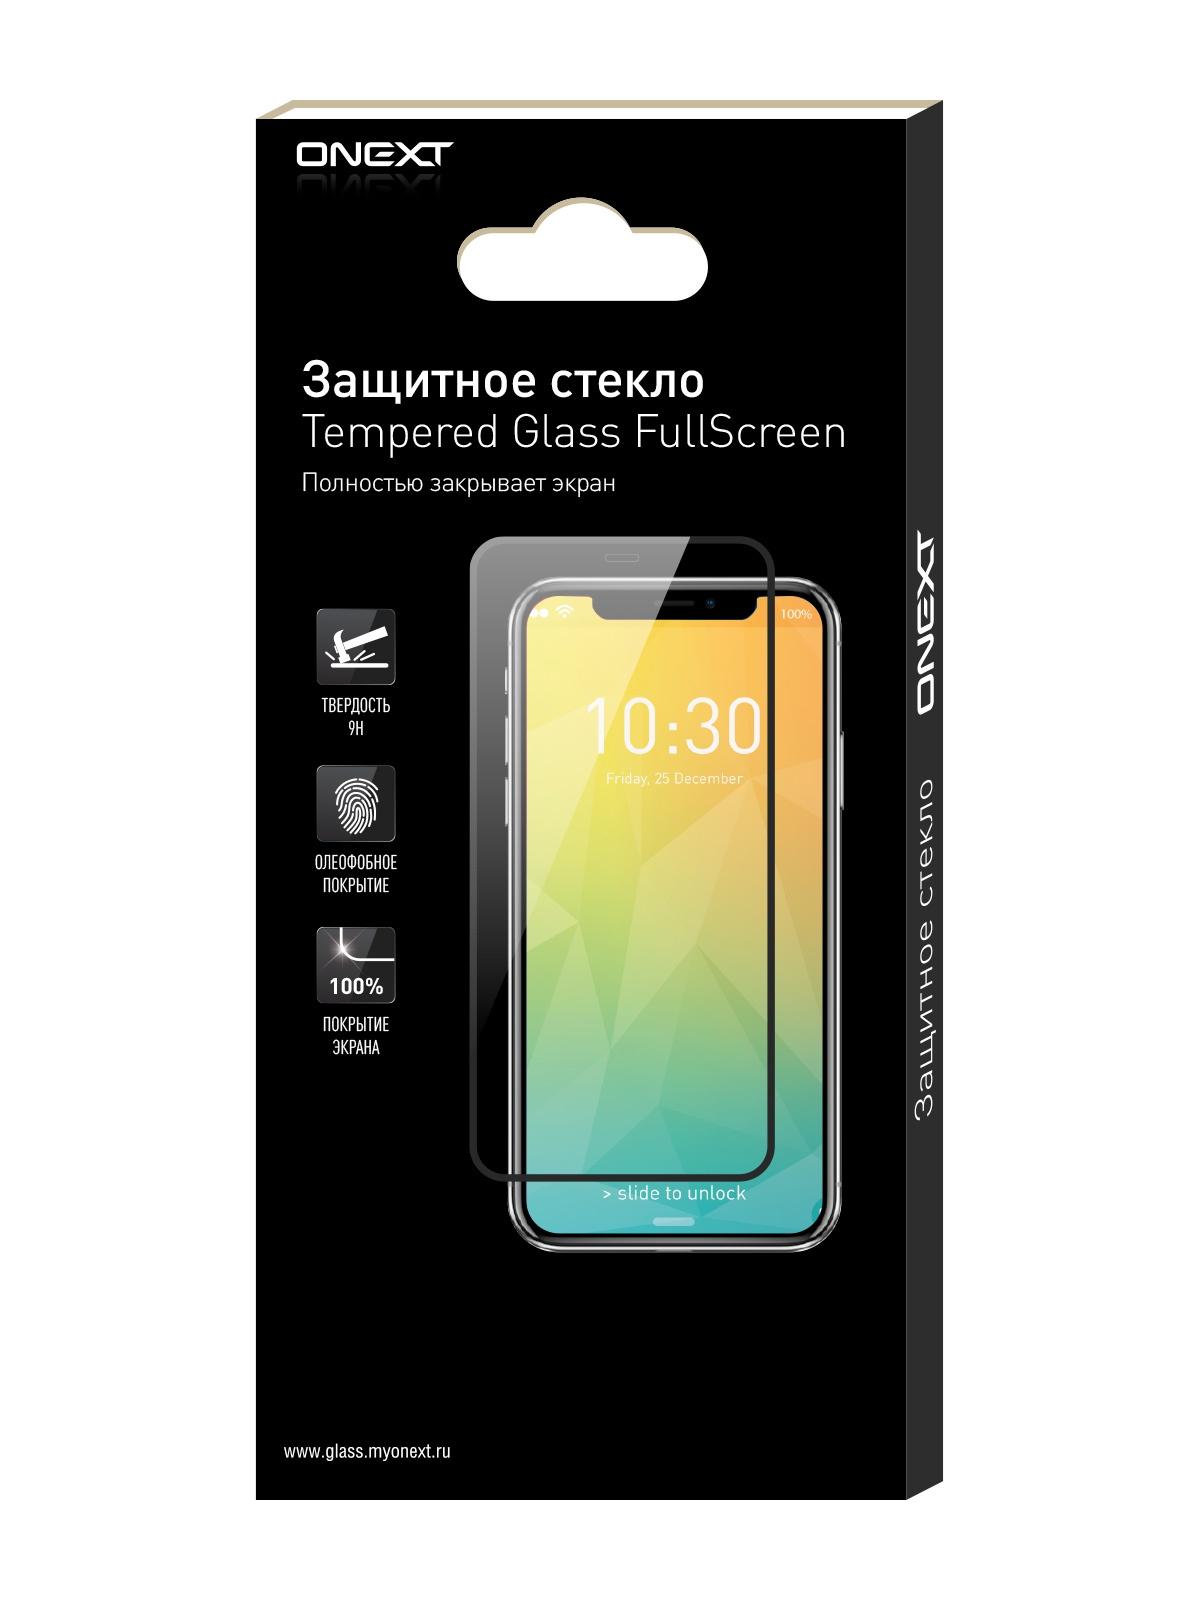 Защитное стекло ONEXT Huawei Y9 (2018) с рамкой защитное стекло для iphone 6 plus onext с белой рамкой силиконовые края